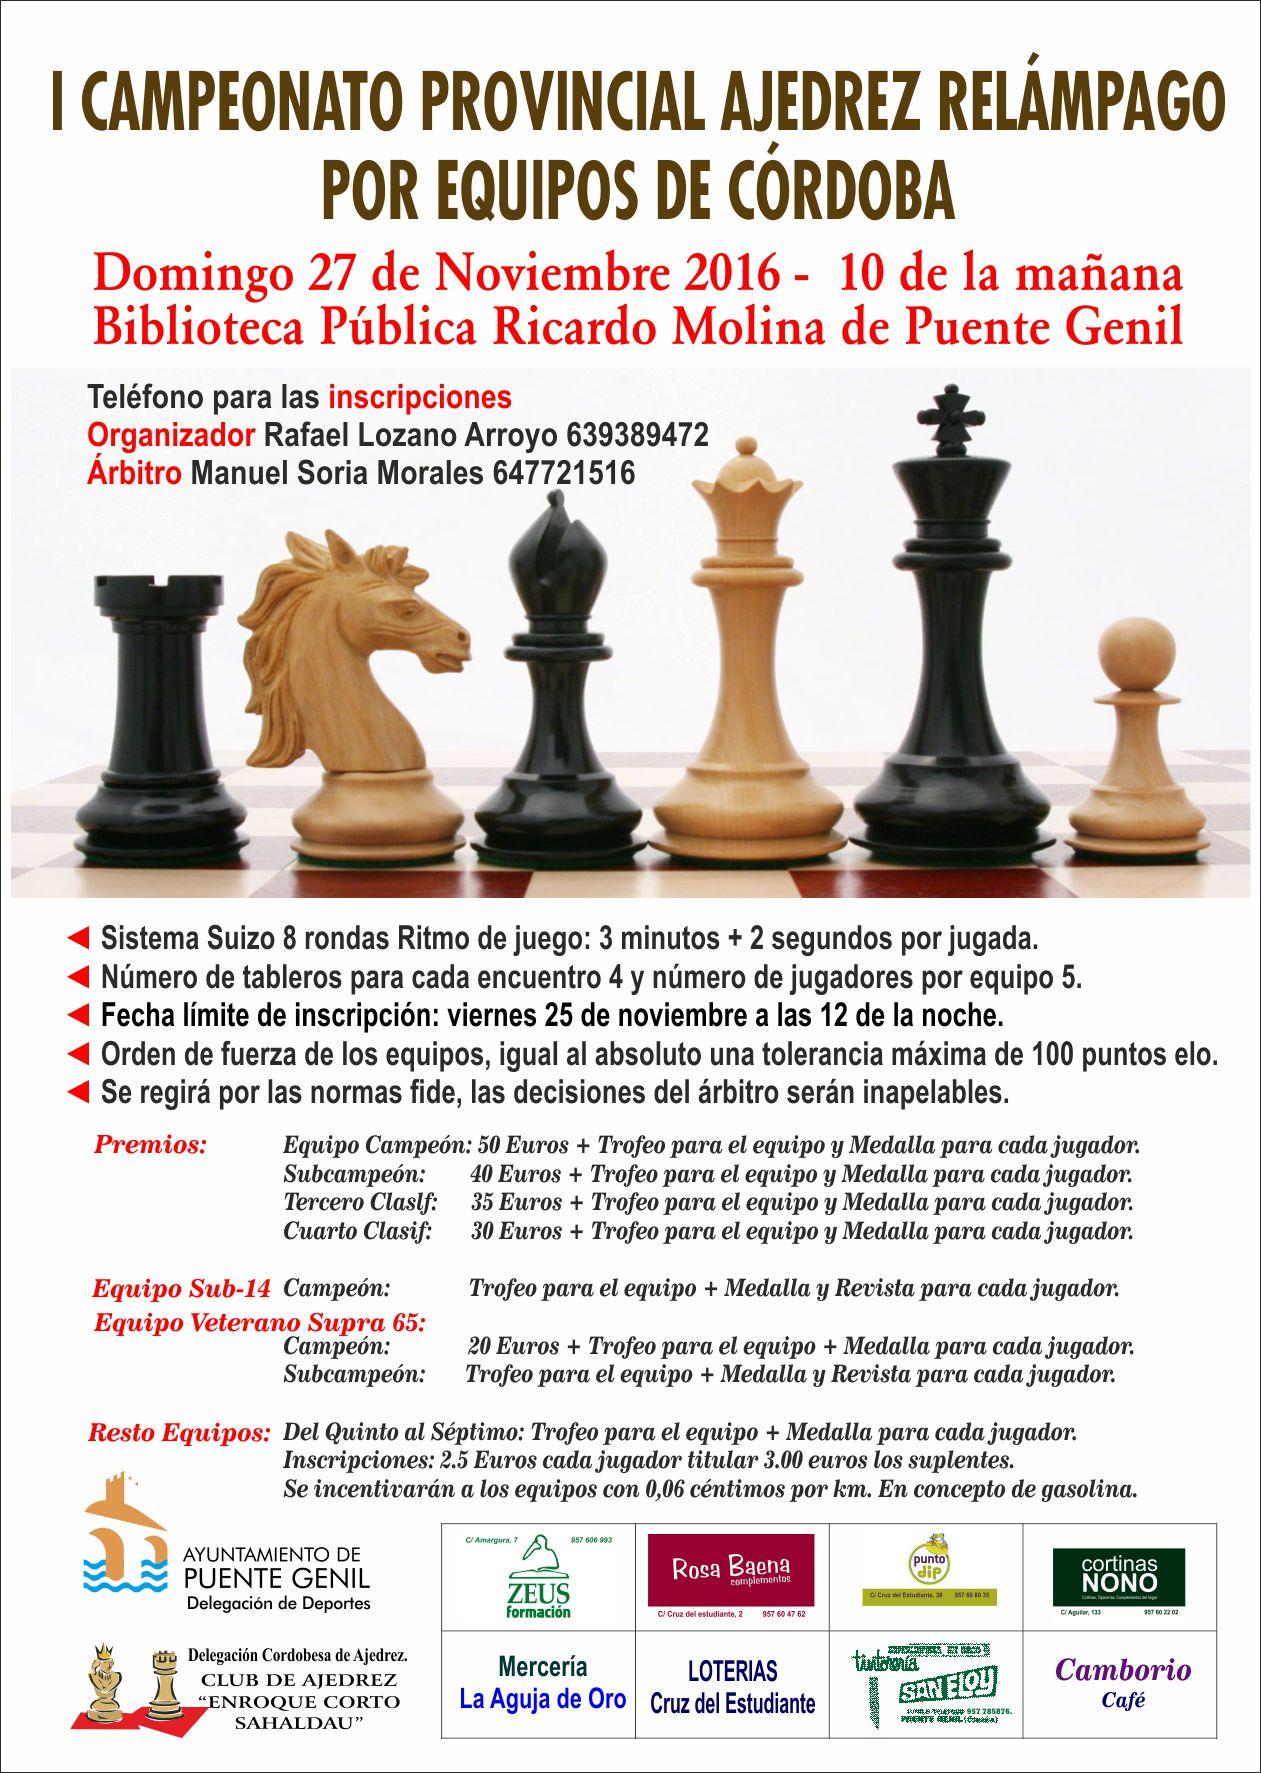 Campeonato Provincial de Ajedrez Relámpago por Equipos de Córdoba